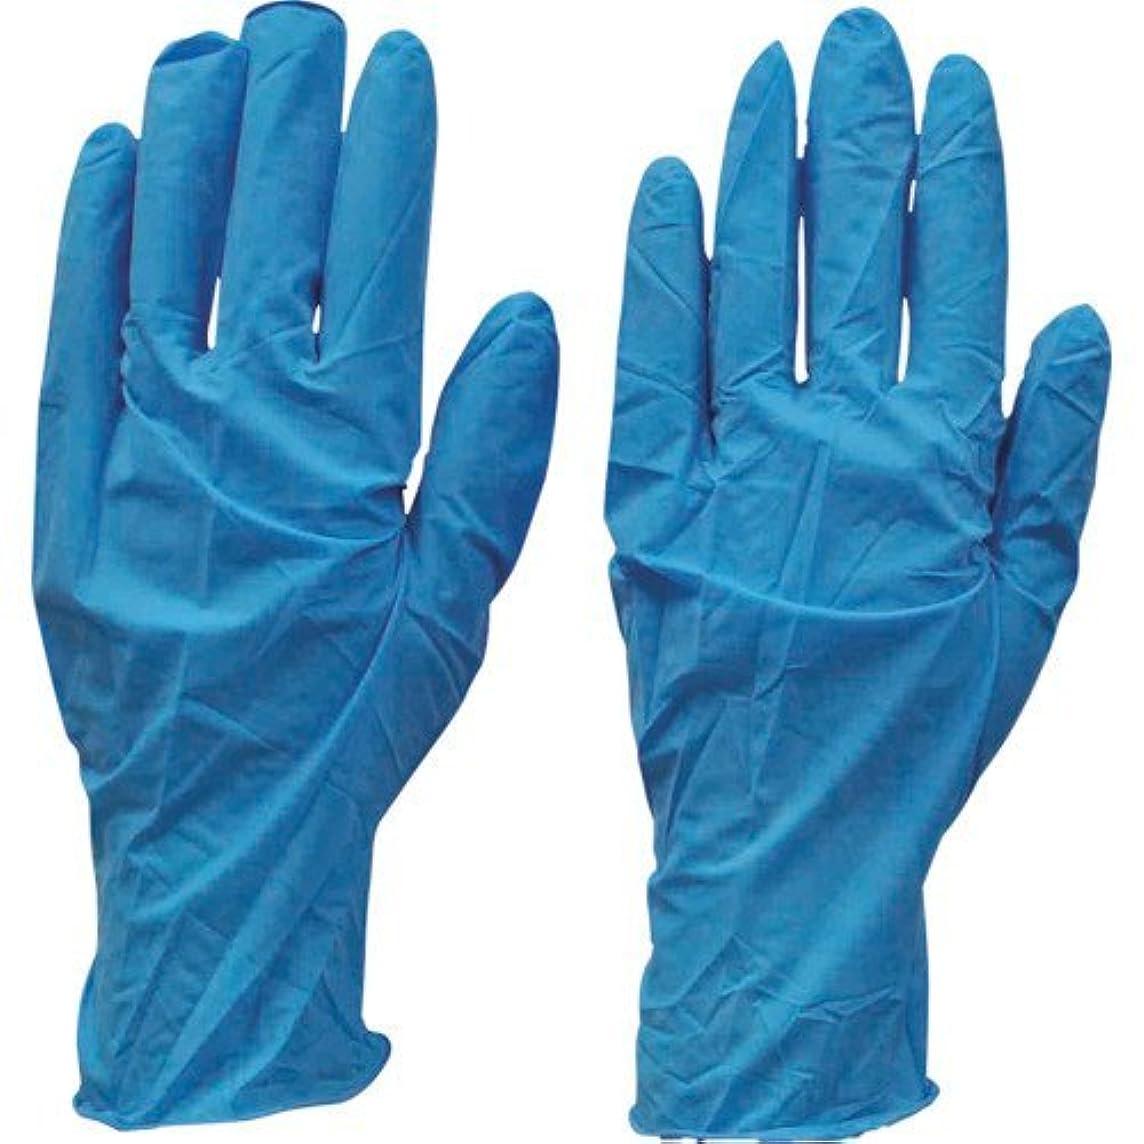 加入一掃するありふれたダンロップ N-211 天然ゴム極うす手袋100枚入 Lブルー N211LB